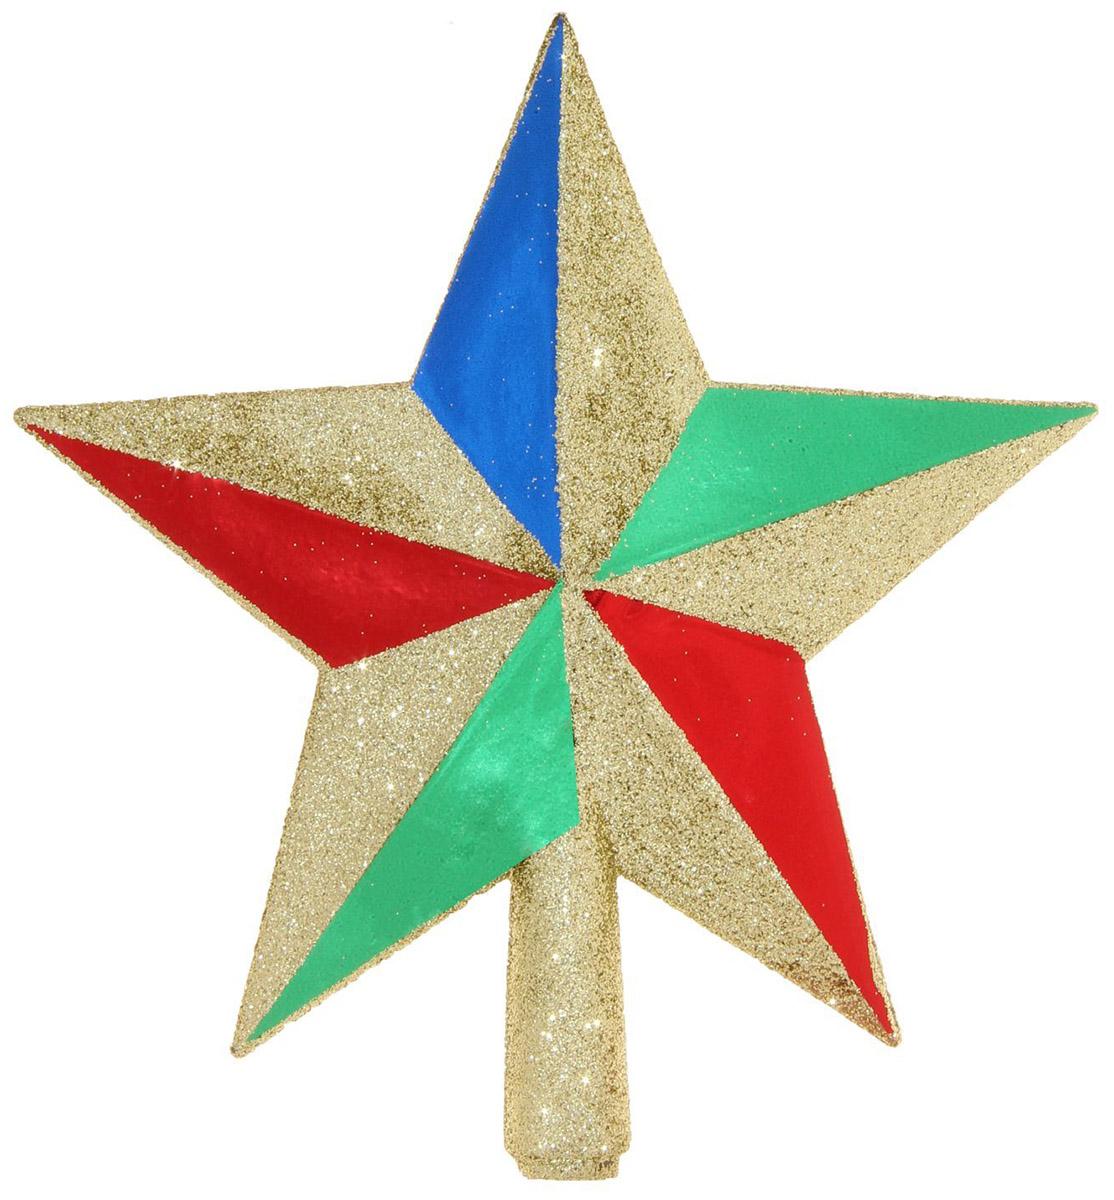 Макушка на елку Sima-land Звезда, 12 см547116Невозможно представить нашу жизнь без праздников! Мы всегда ждём их и предвкушаем, обдумываем, как проведём памятный день, тщательно выбираем подарки и аксессуары, ведь именно они создают и поддерживают торжественный настрой.